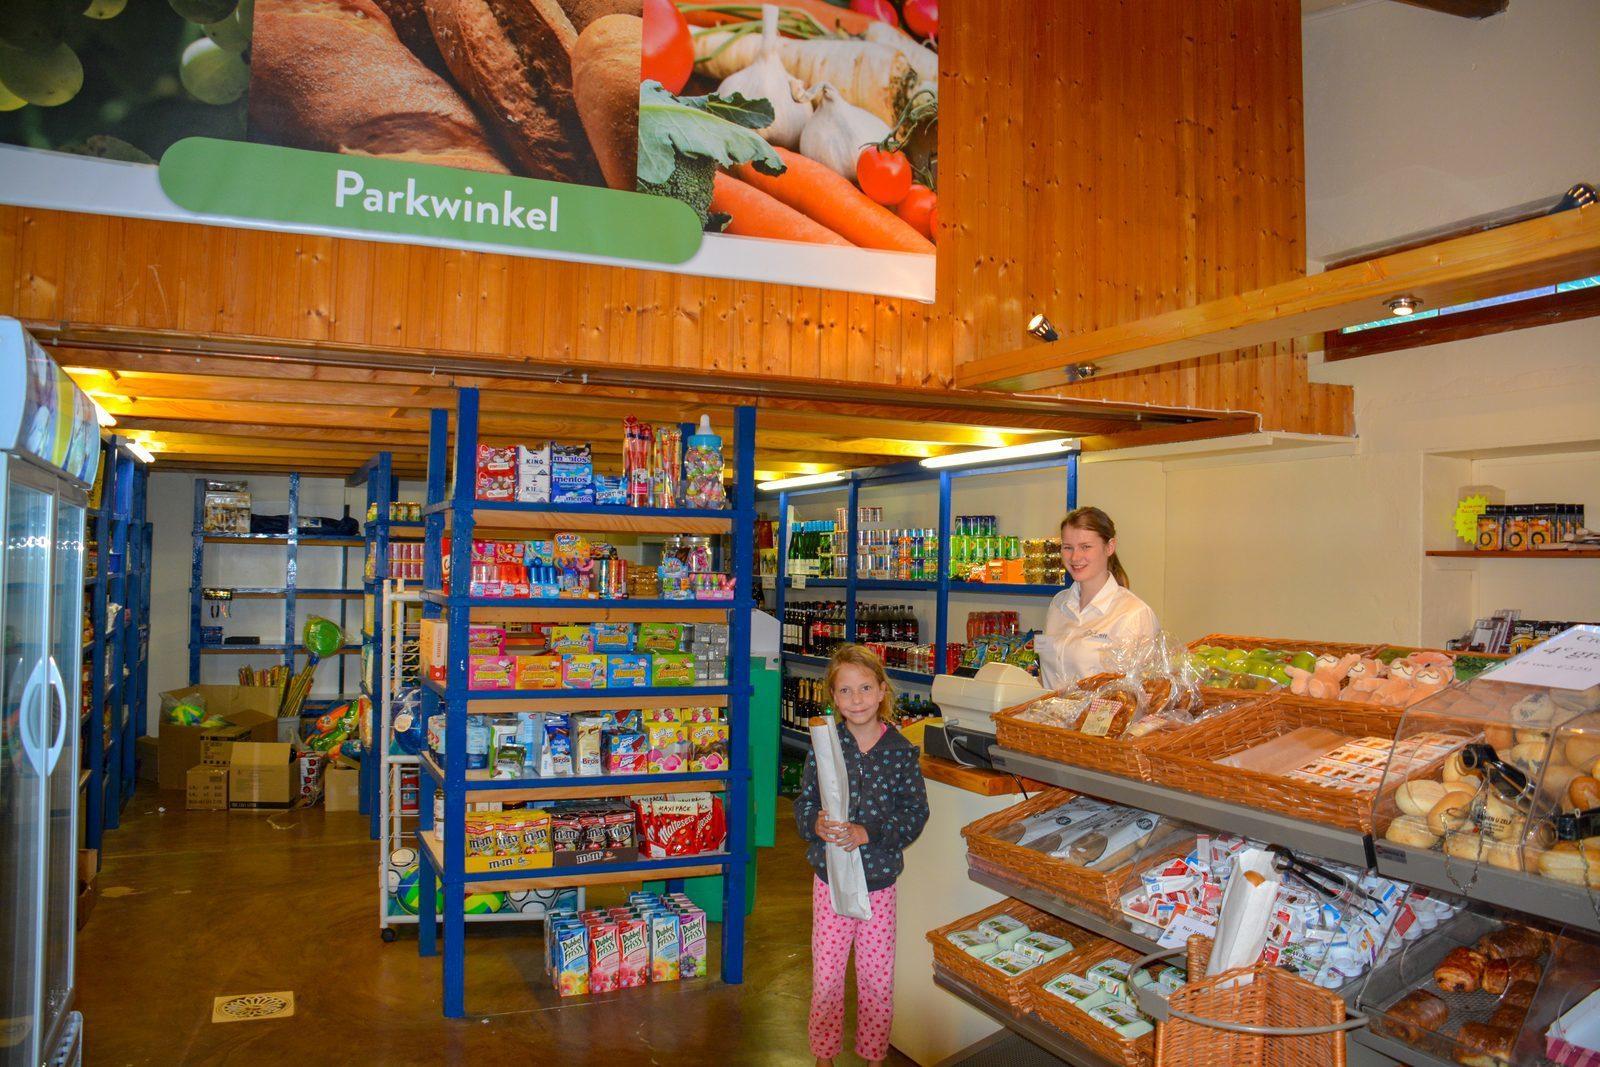 Parkwinkel Luxemburg